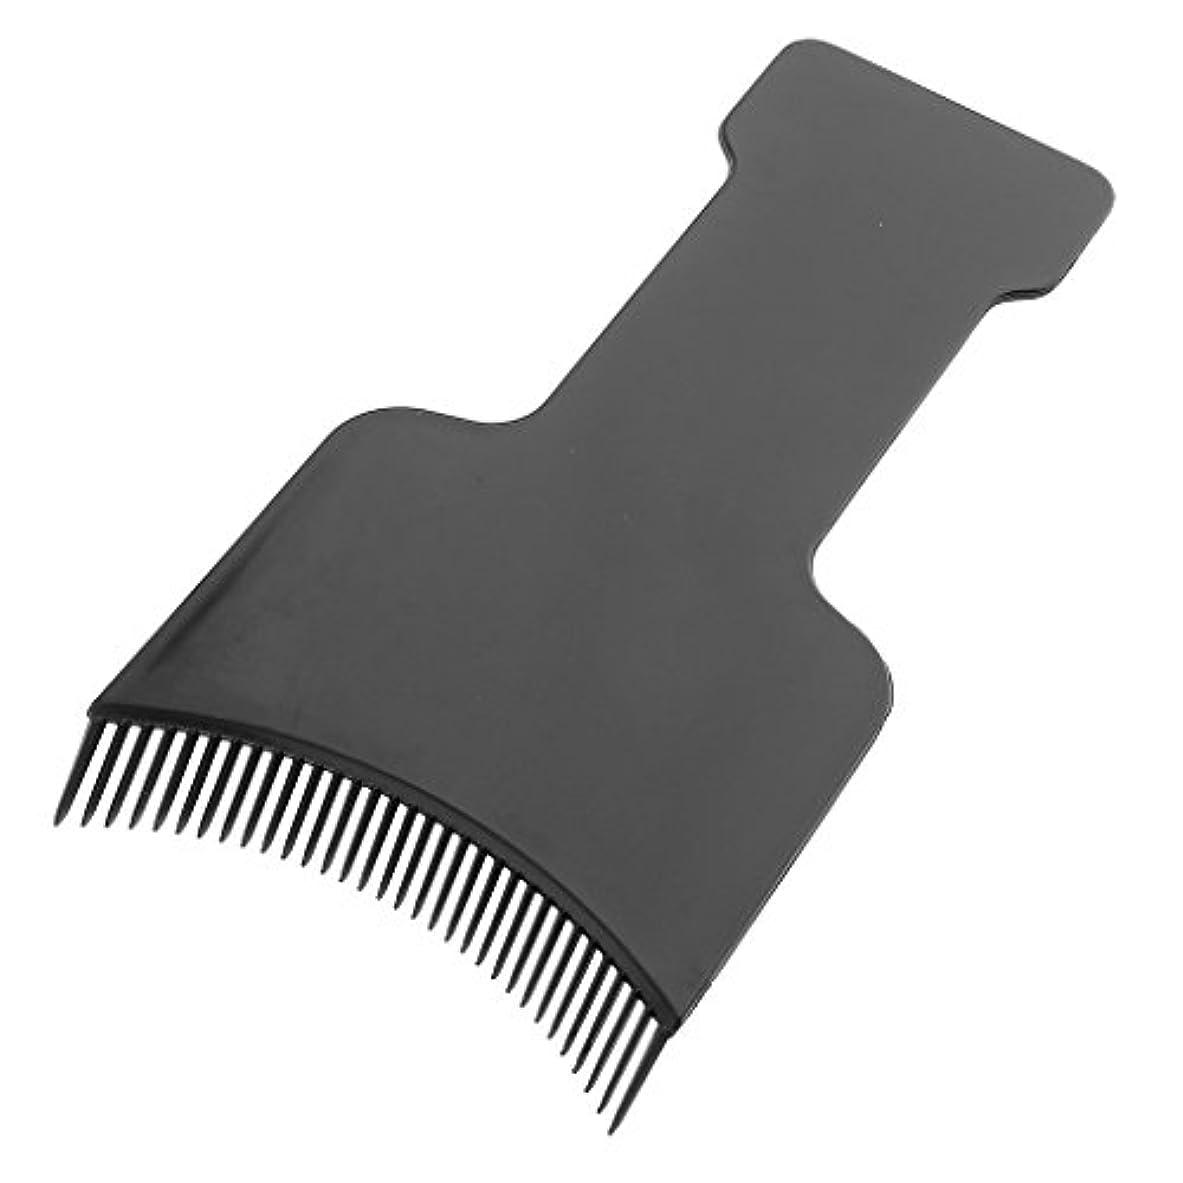 かる並外れたマスタードBlesiya 染色ティントプレート ヘアカラー ボード 美容 ヘア ツール 髪 保護 ブラック 実用 便利 全4サイズ  - S